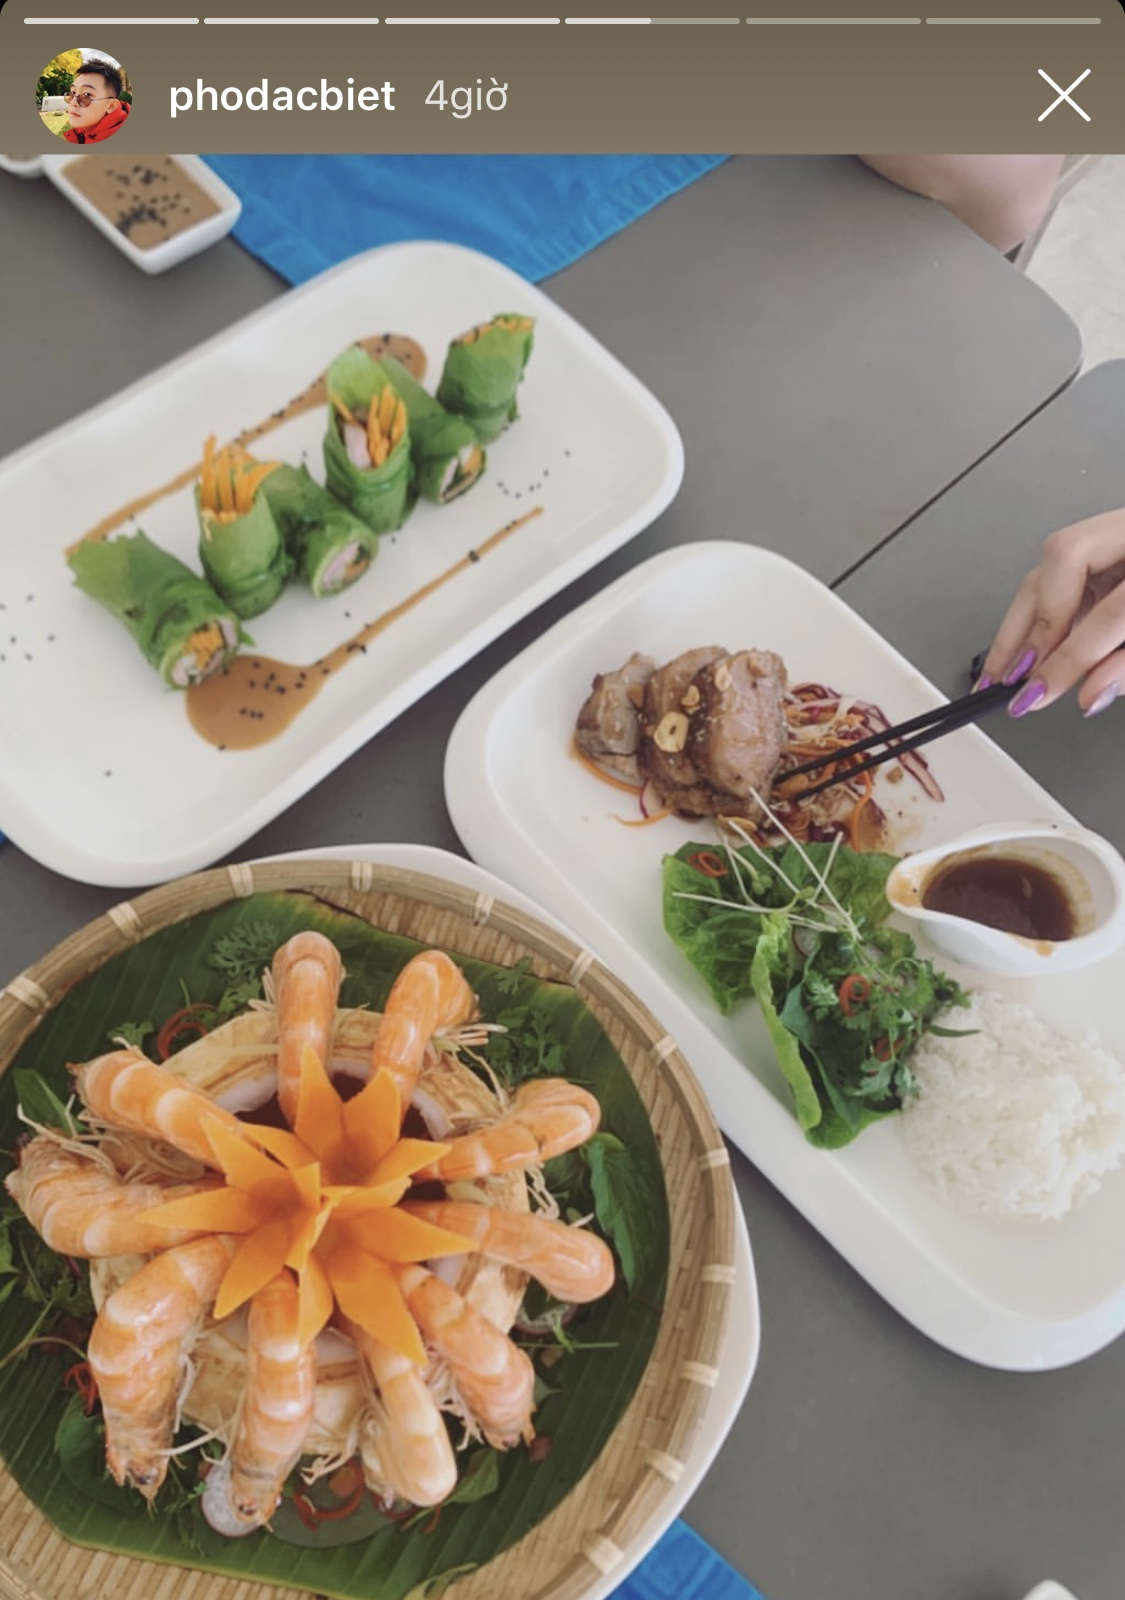 Ô! Chi Pu với hội bạn thân Quỳnh Anh Shyn - Phở - Sun HT du lịch Côn Đảo 3 ngày mà toàn thấy... ăn với ăn, đến khi về vẫn còn hẹn nhau làm bữa nữa - Ảnh 15.